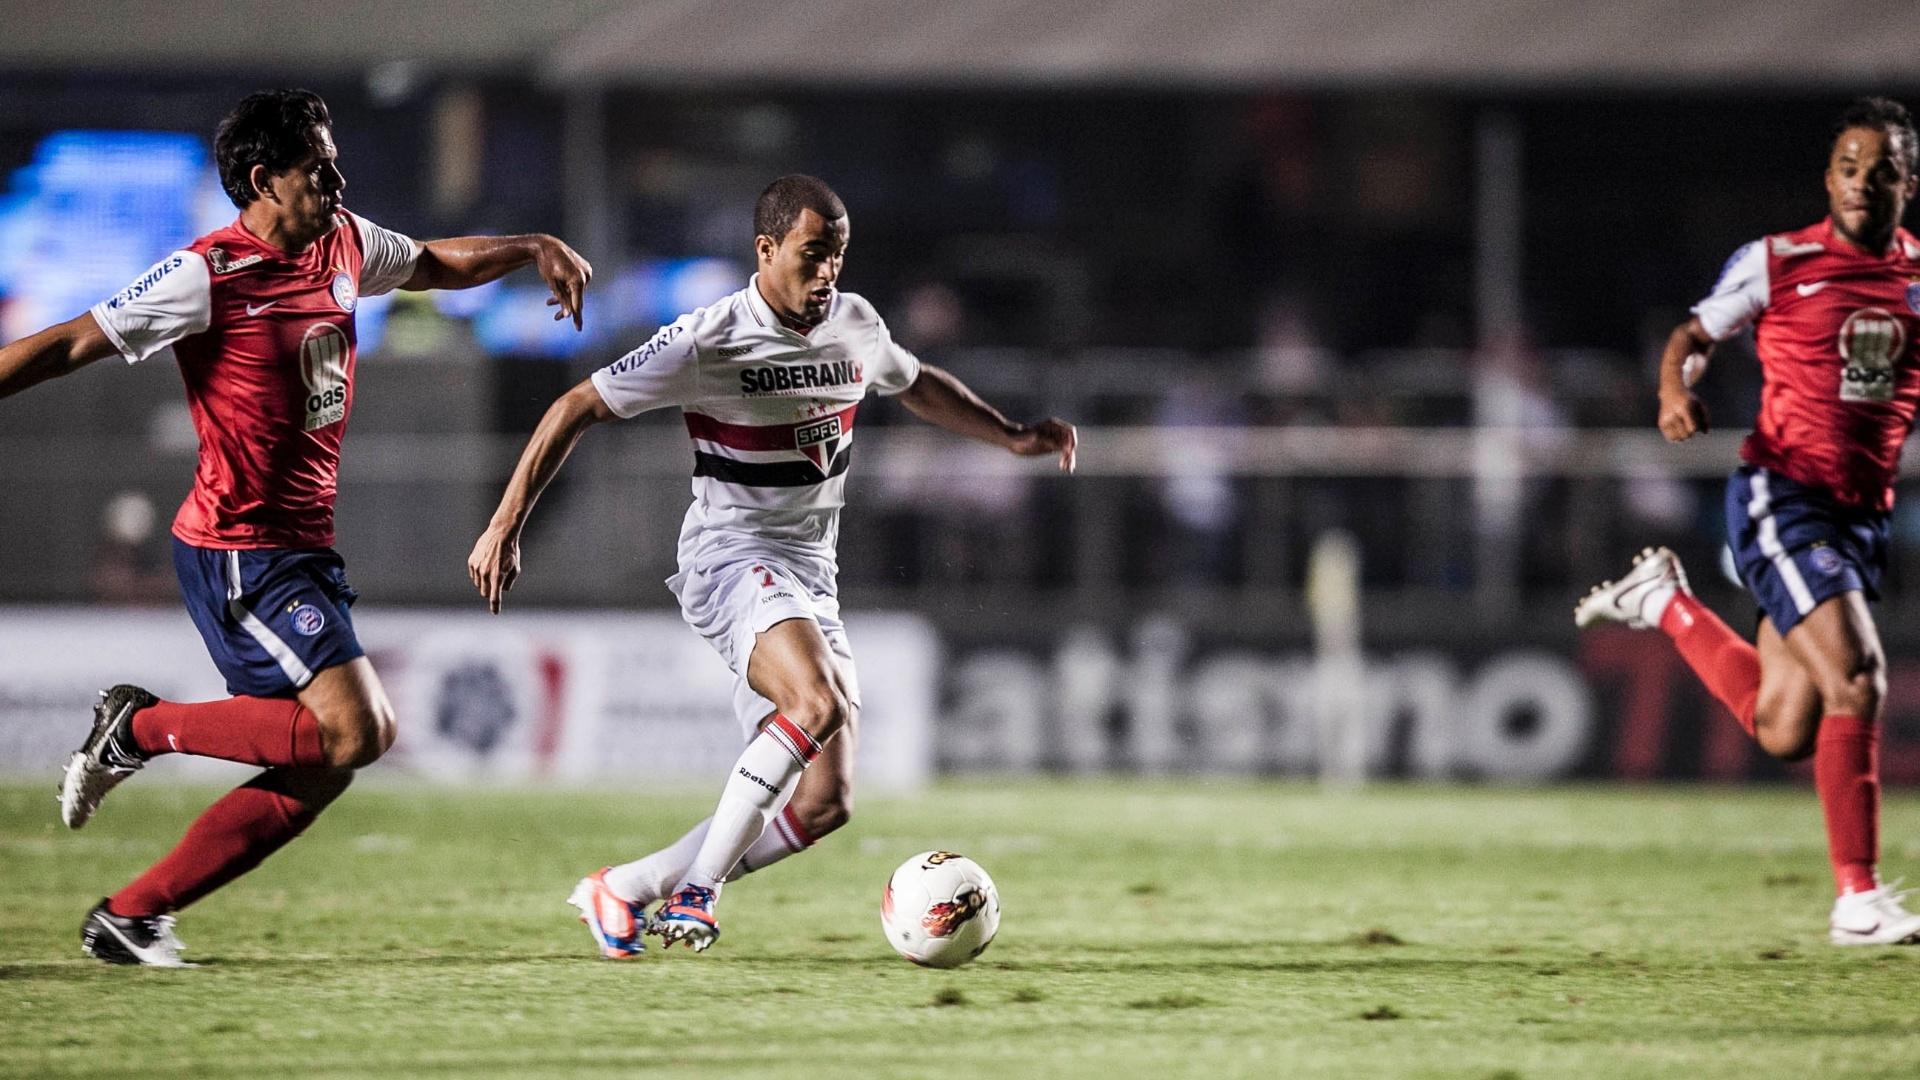 Lucas domina a bola e tenta levar o São Paulo ao ataque contra o Bahia pela Copa Sul-Americana